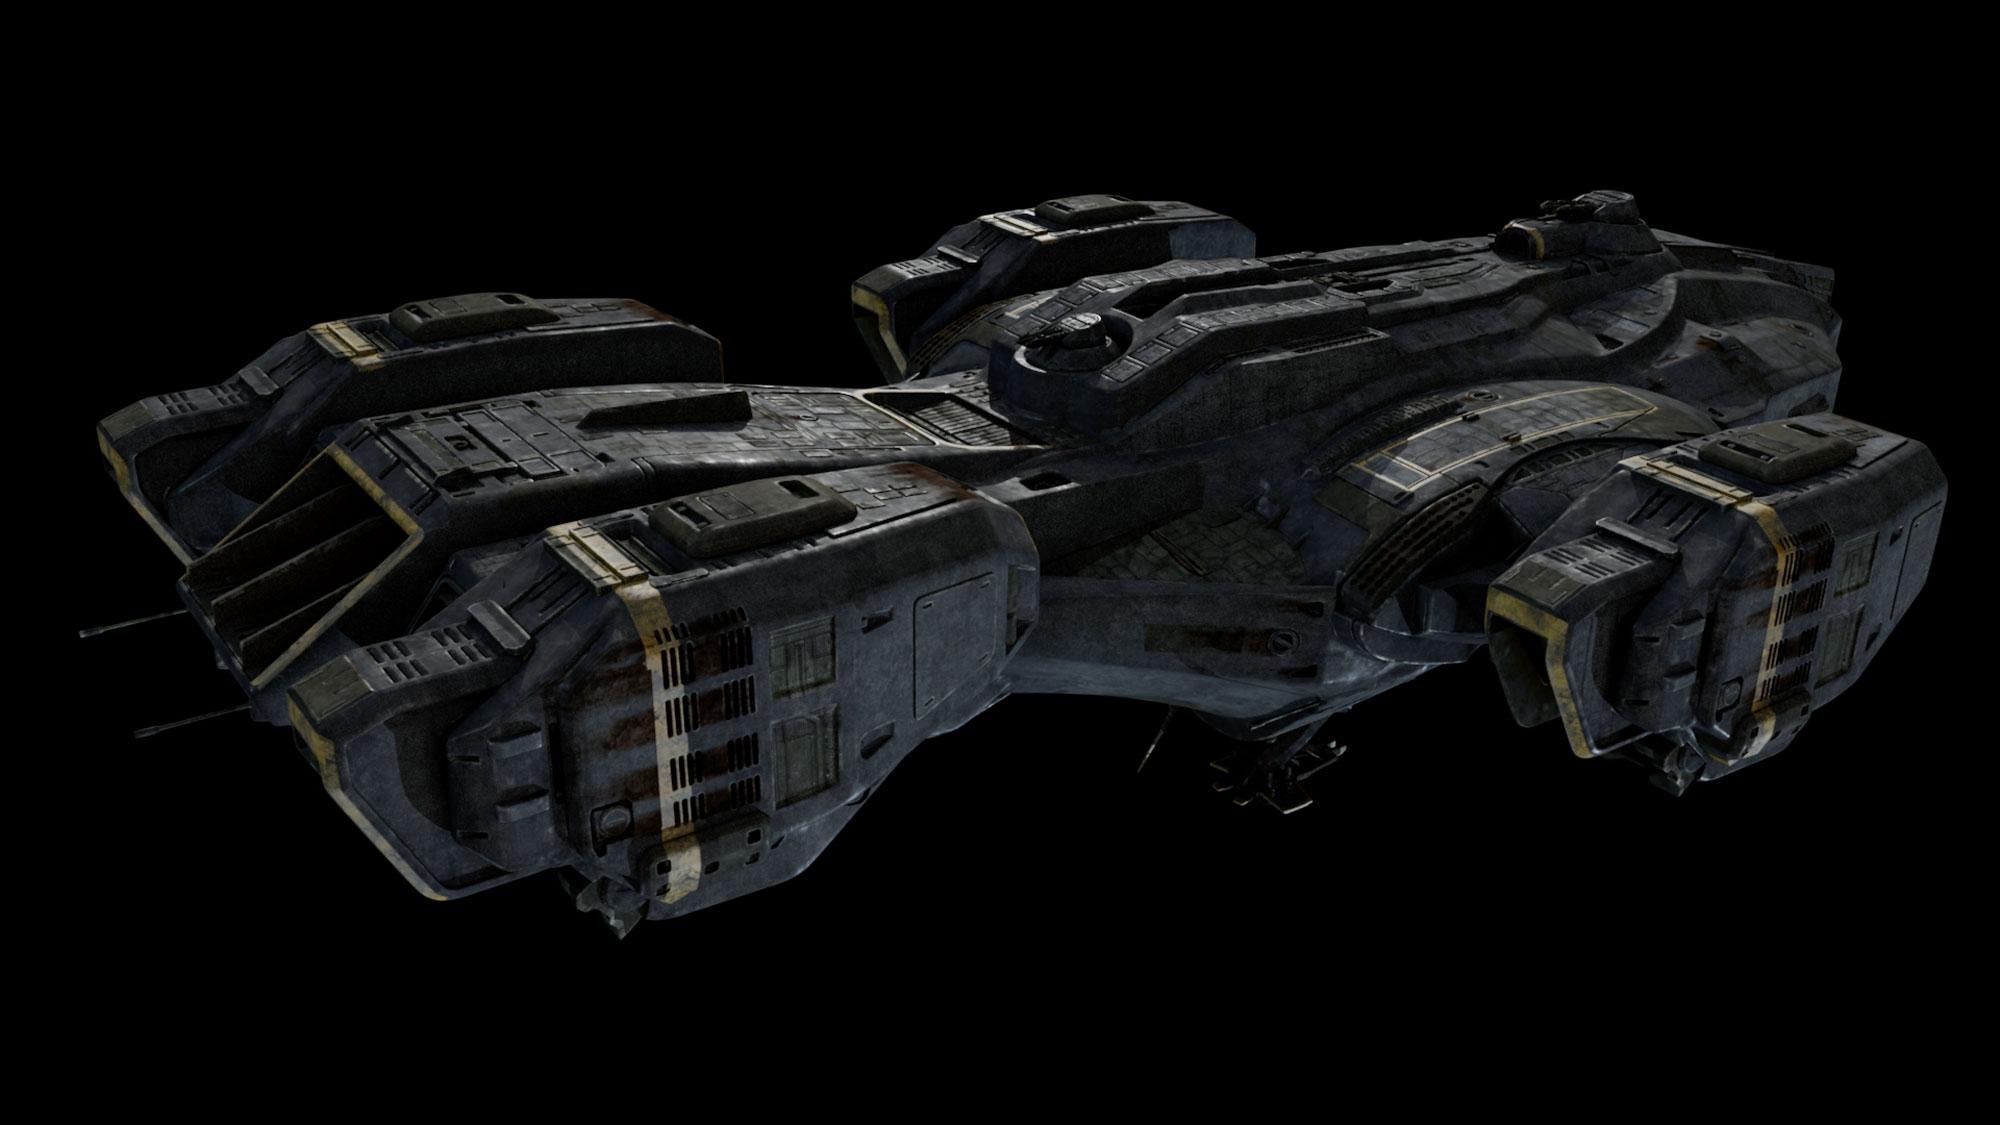 Taller de Encargos Oficial: Naves espaciales [Pide aquí tu nave espacial] - Página 3 Latest?cb=20150610014414